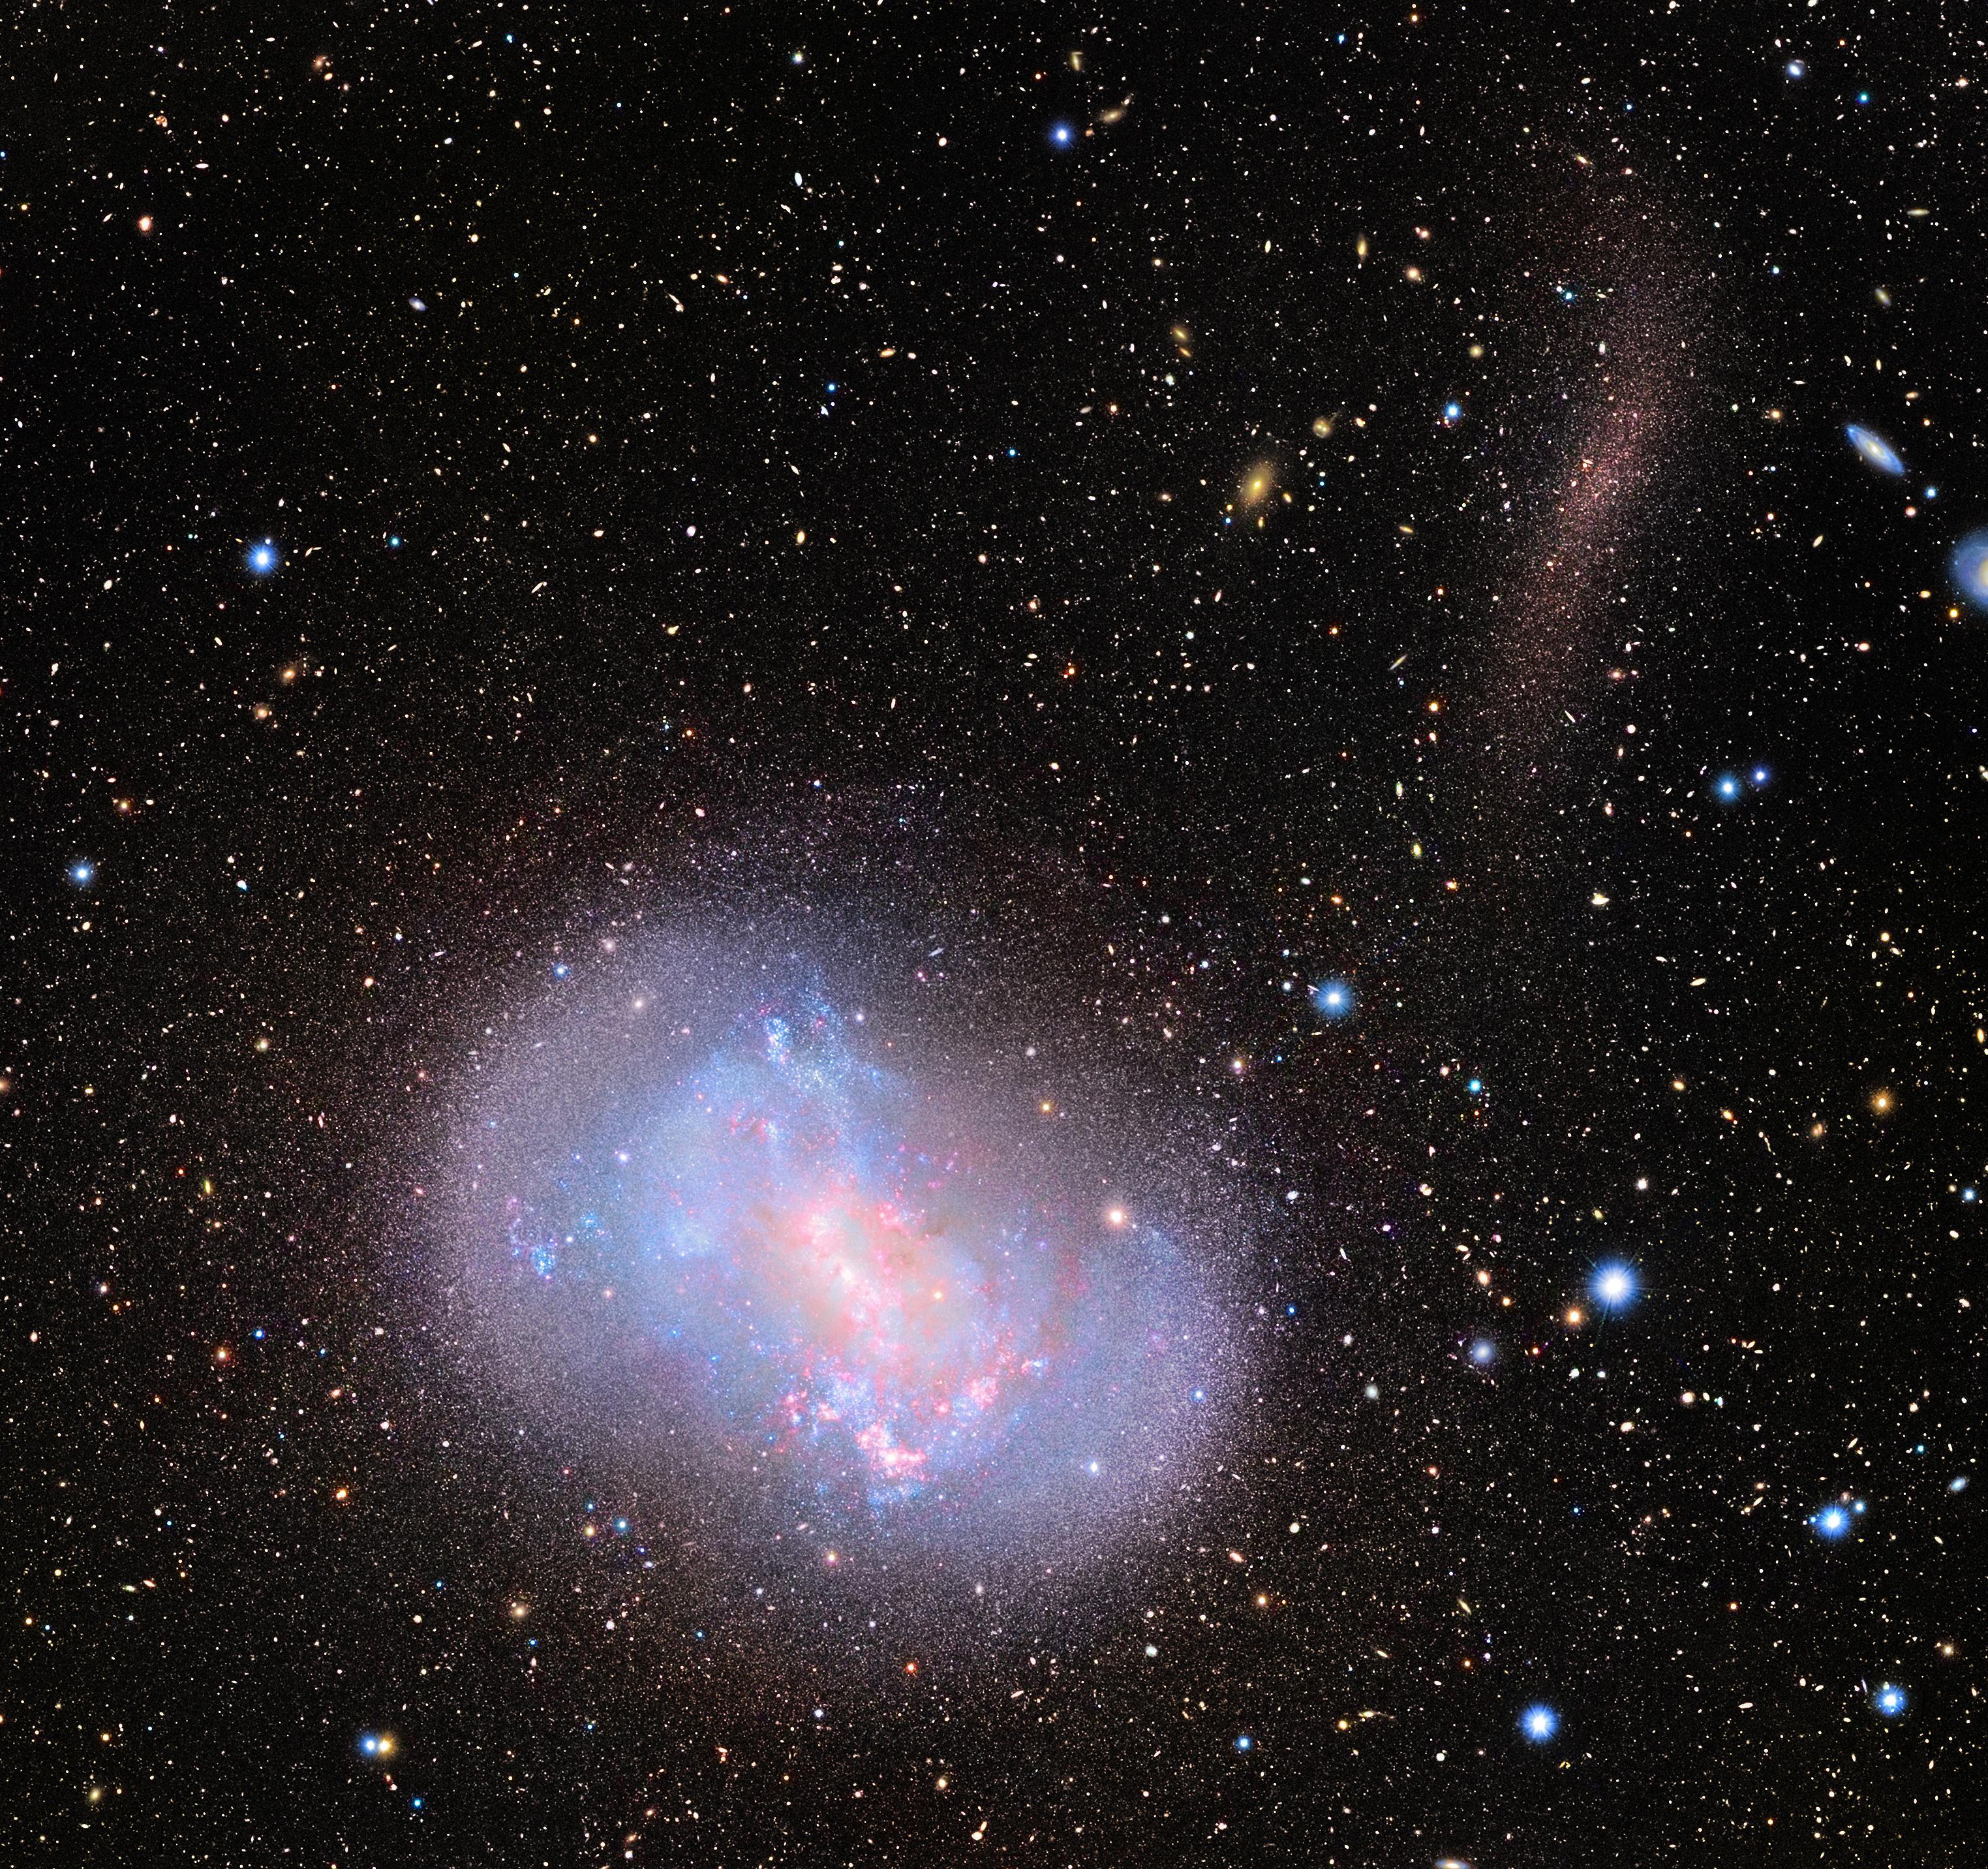 銀河に流れ込む「星の小川」 ~ すばる望遠鏡が写した銀河合体の現場 図